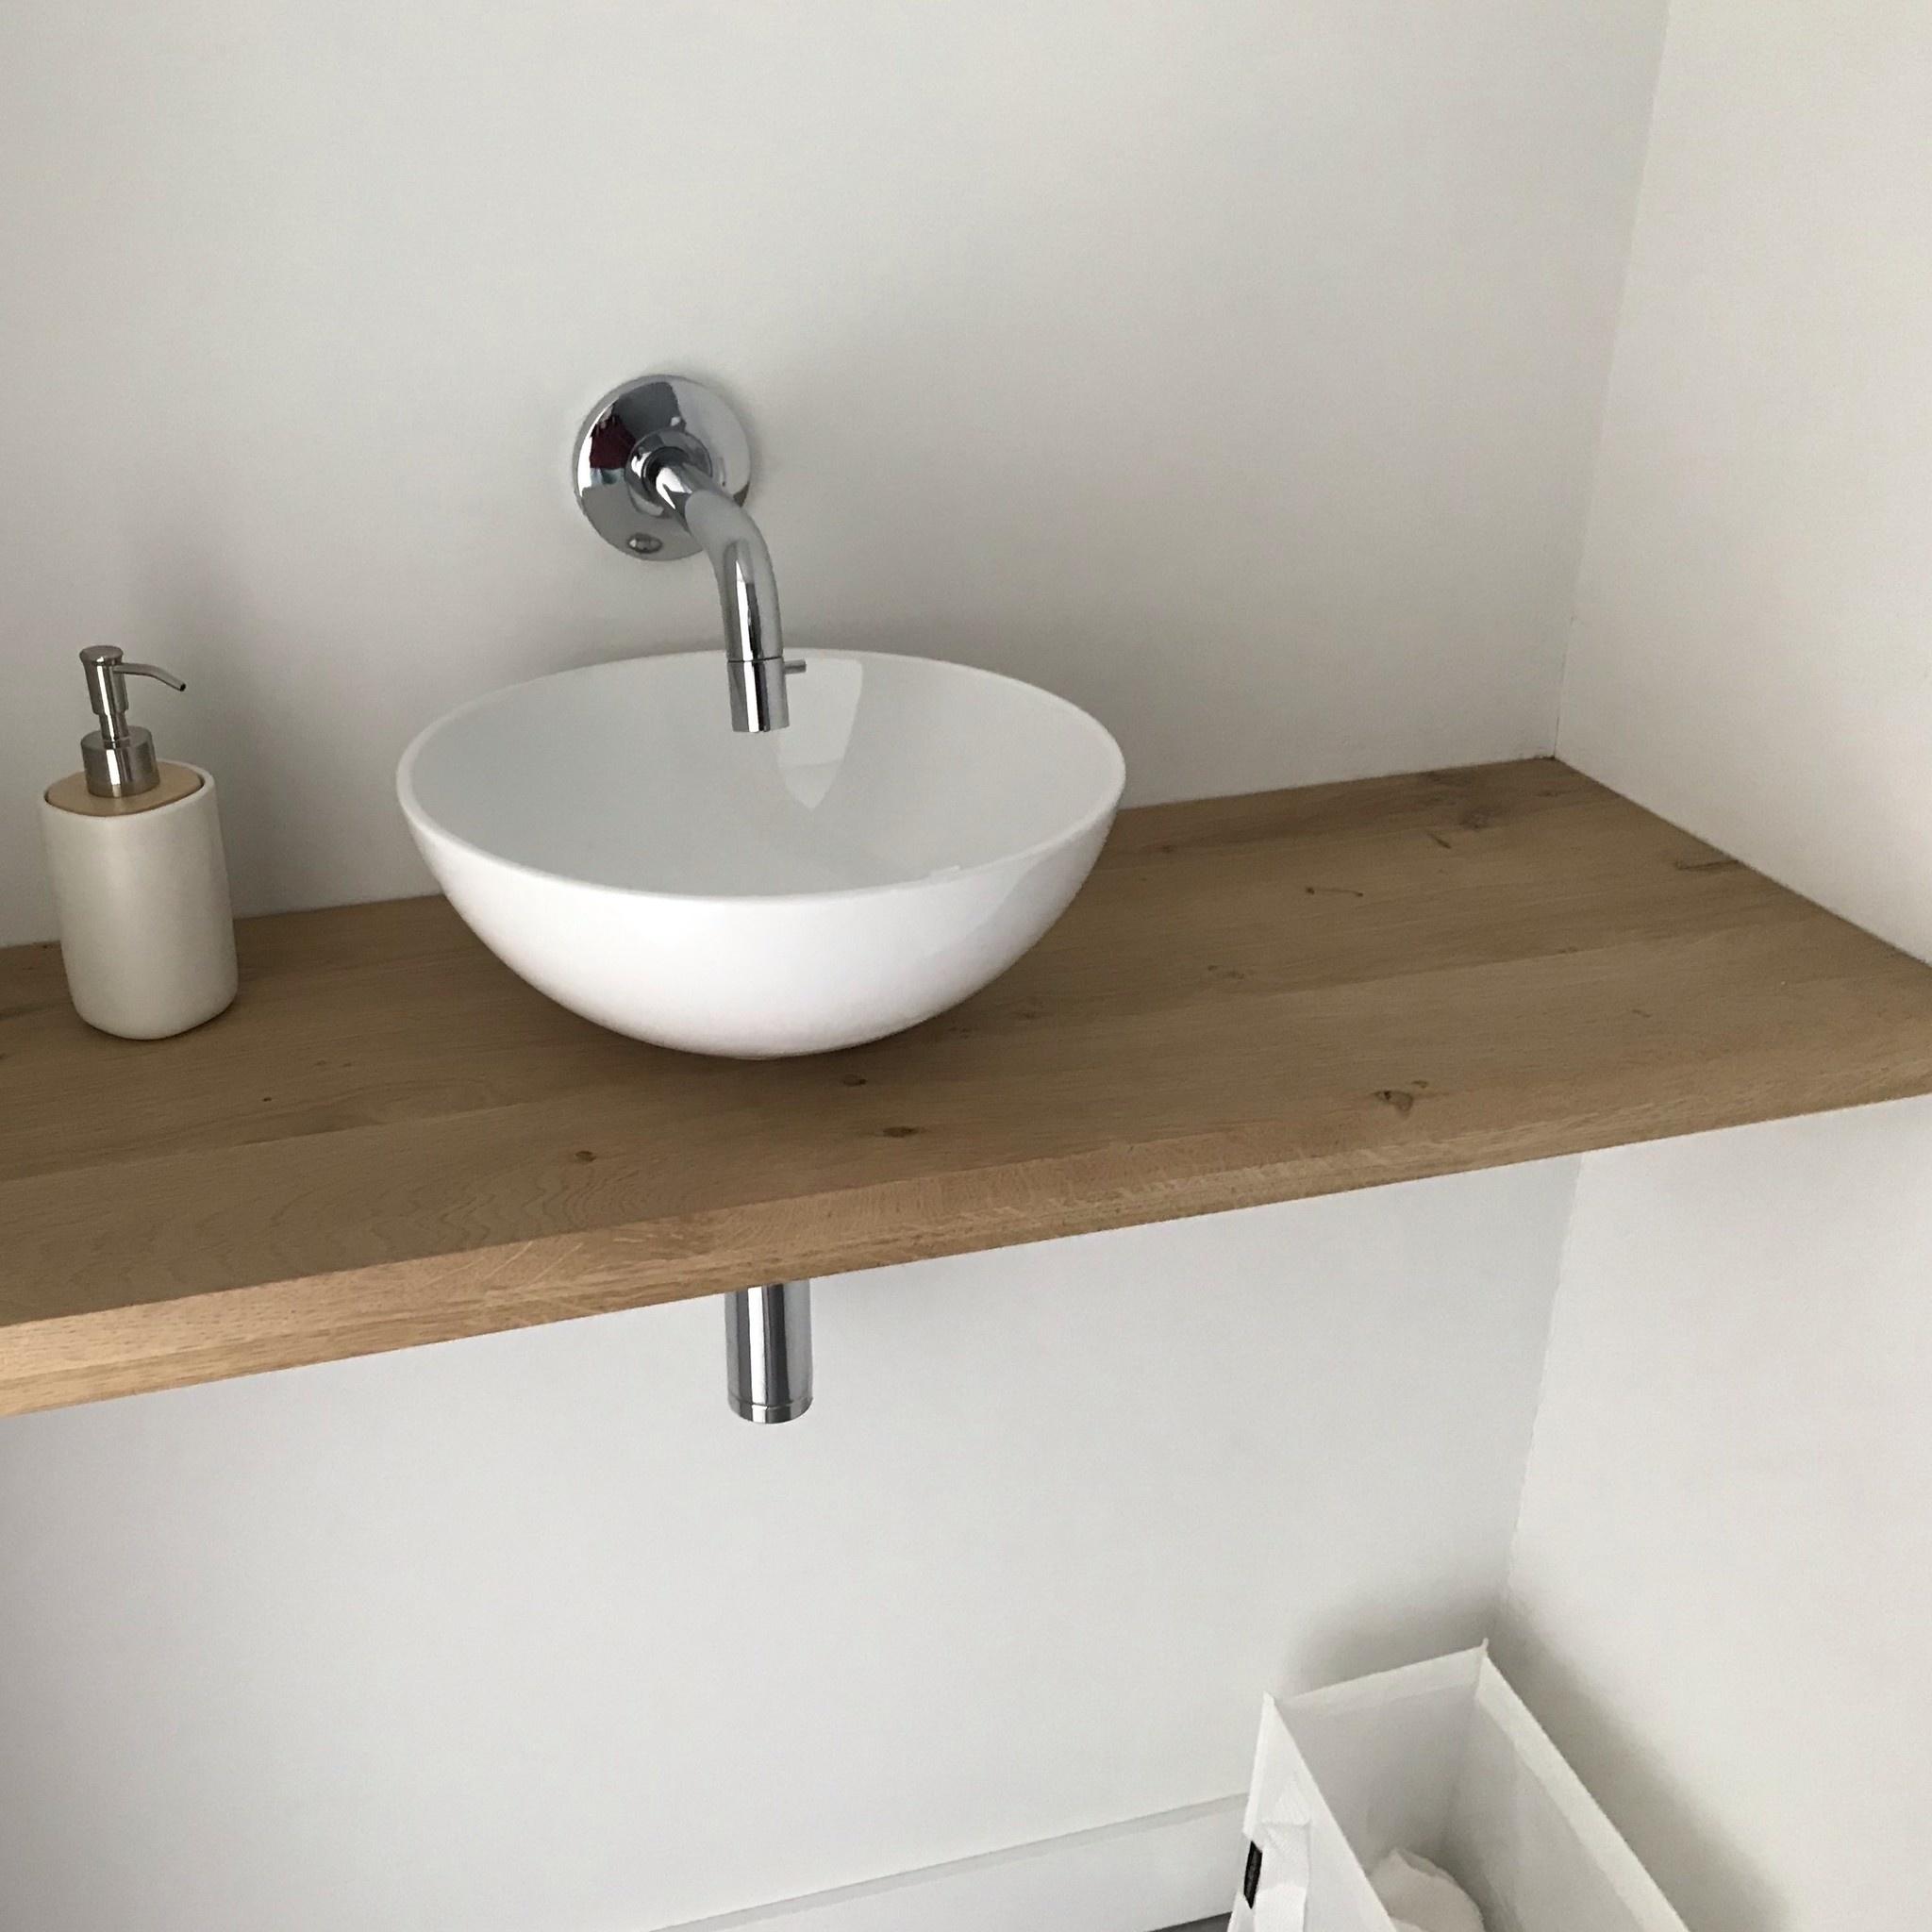 Leimholzplatte Eiche nach Maß - 6 cm dick (2-lagig) - Eichenholz rustikal - Eiche Holzplatte - verleimt & künstlich getrocknet (HF 8-12%) - 15-120x20-300 cm